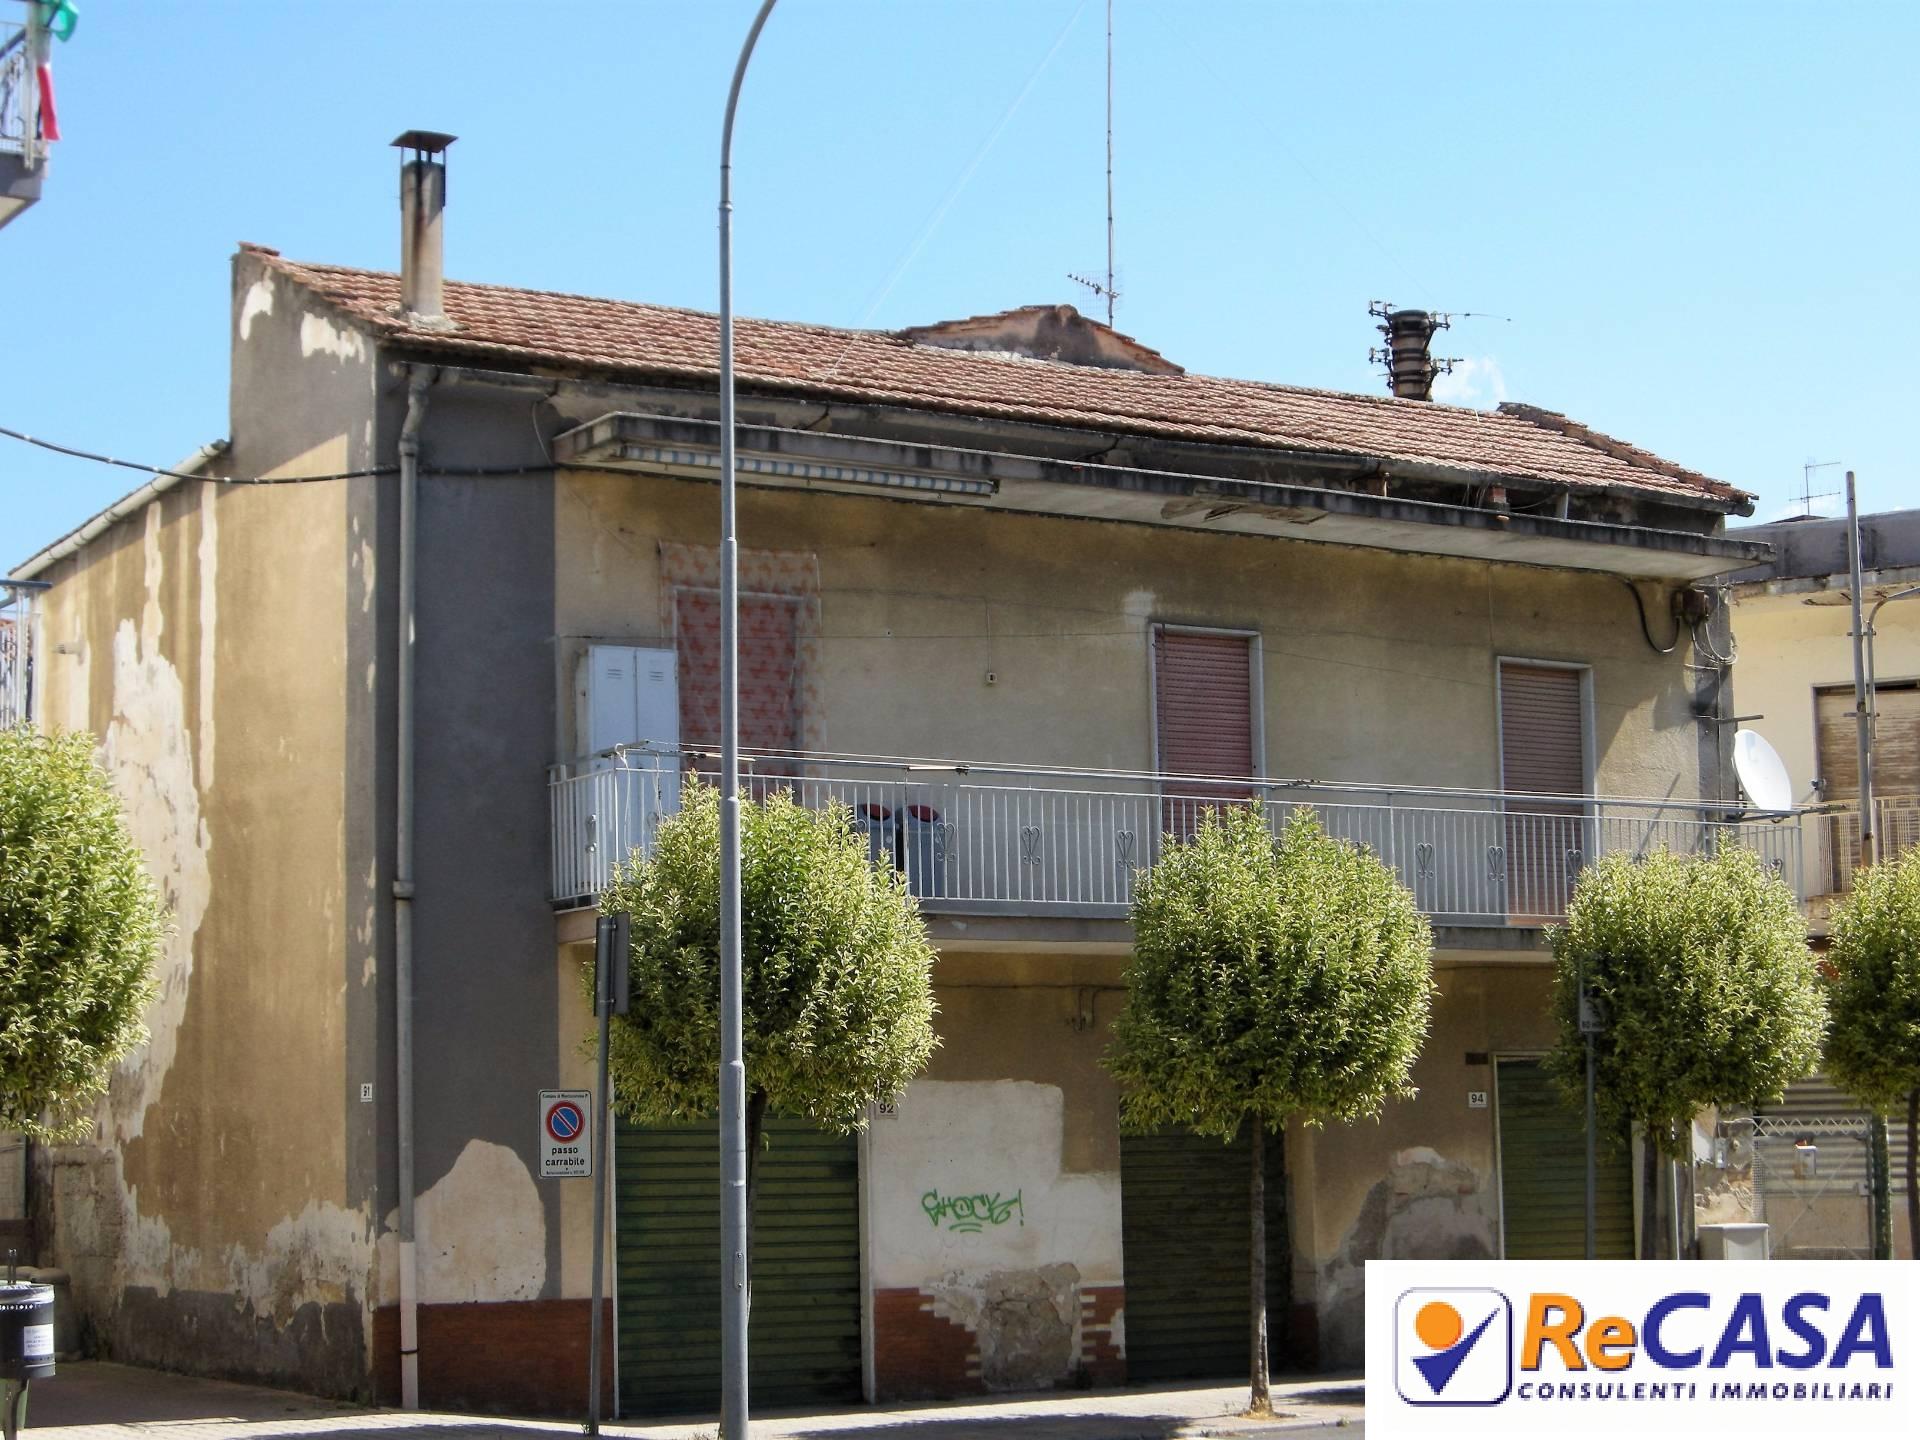 Soluzione Indipendente in Vendita a Montecorvino Pugliano